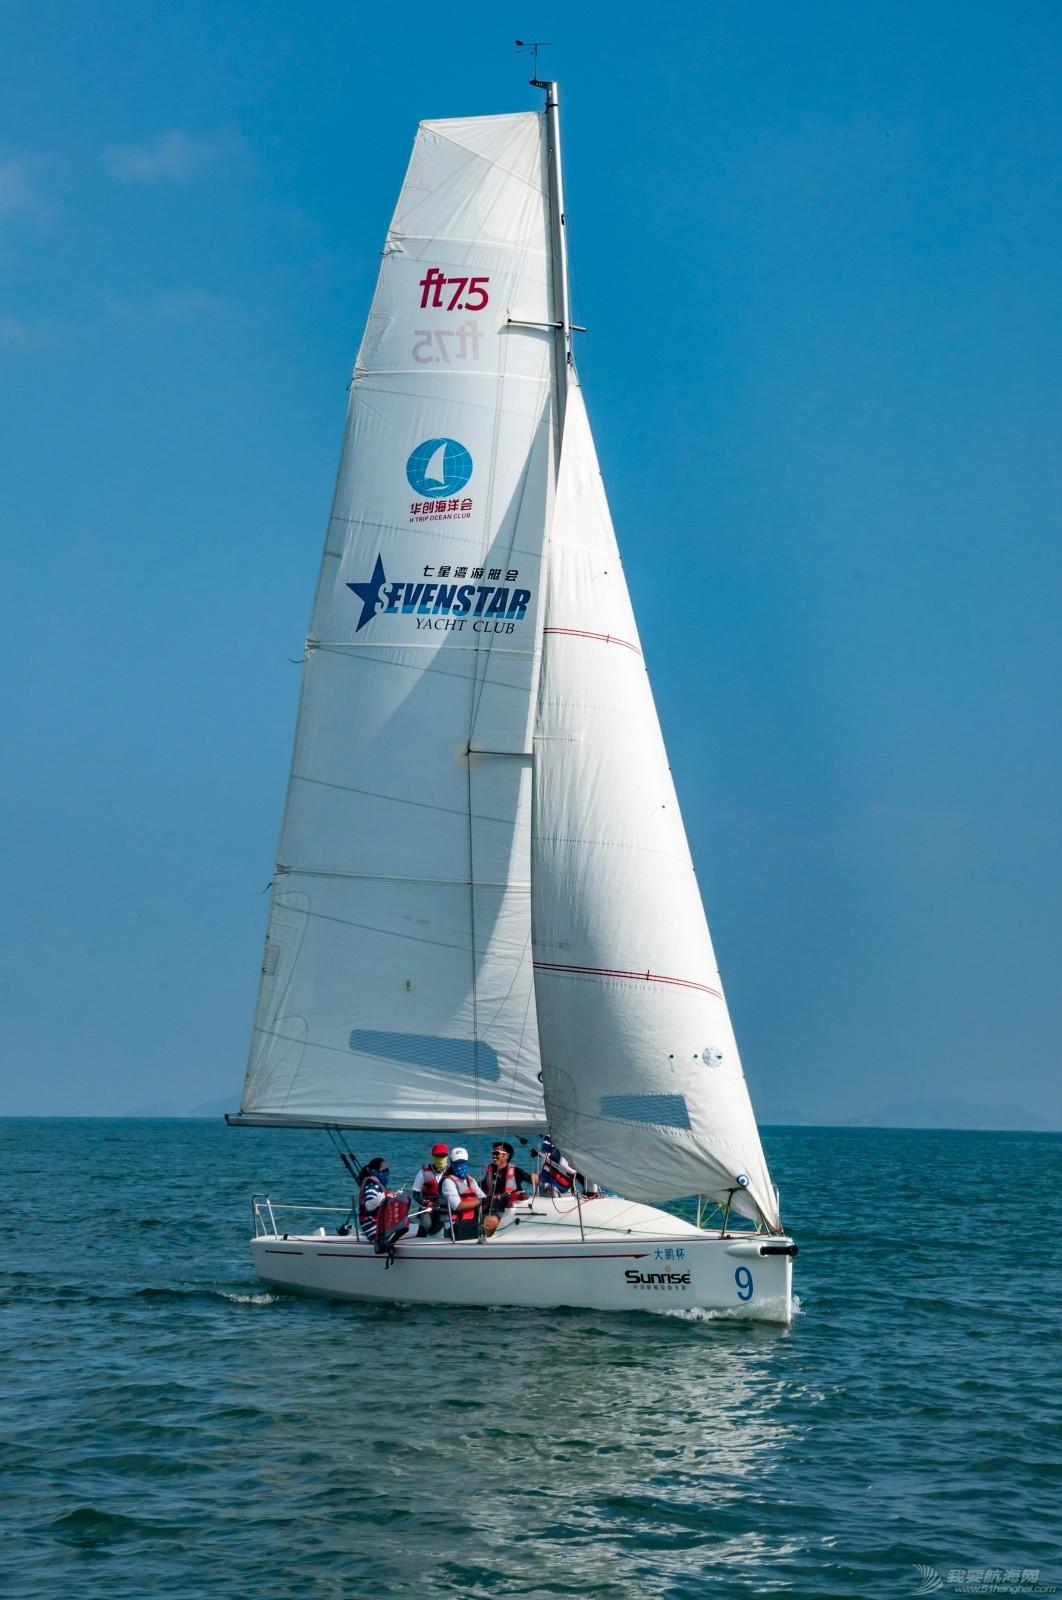 【2015大鹏杯帆船赛】51航海网船队在比赛中 s006.jpg